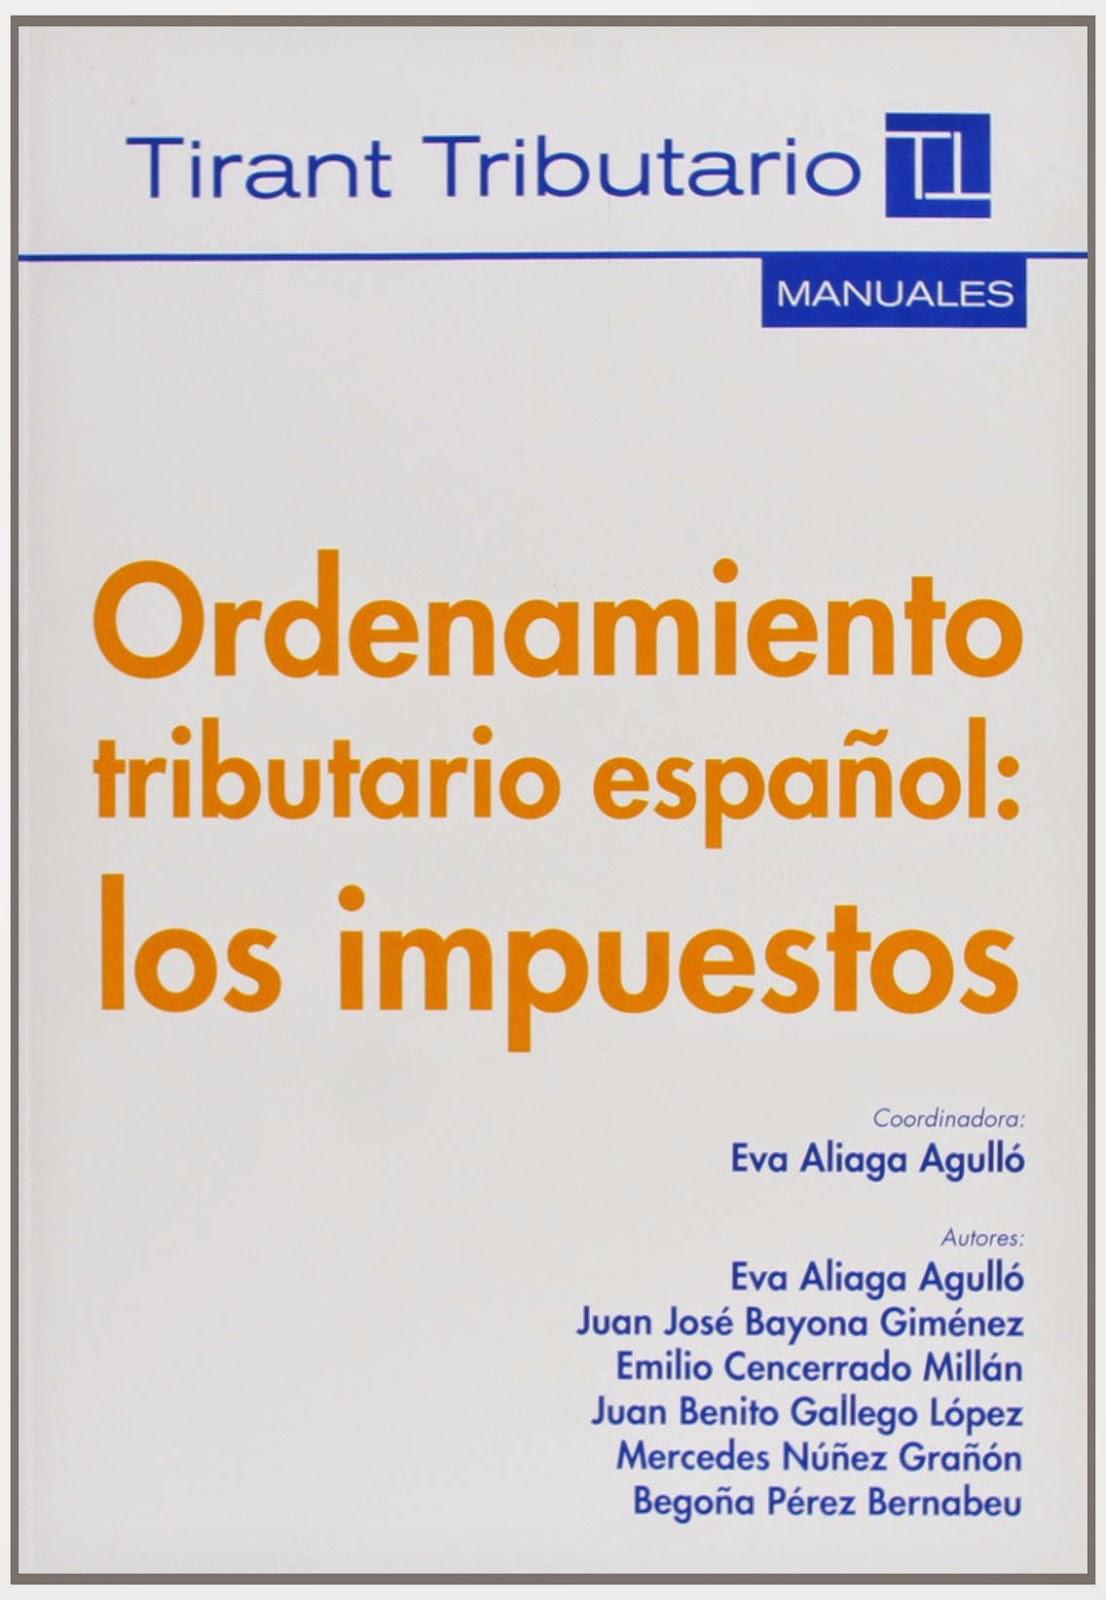 Ordenamiento Tributario Español: Los Impuestos. Manuales Técnicos Especializados de Derecho.